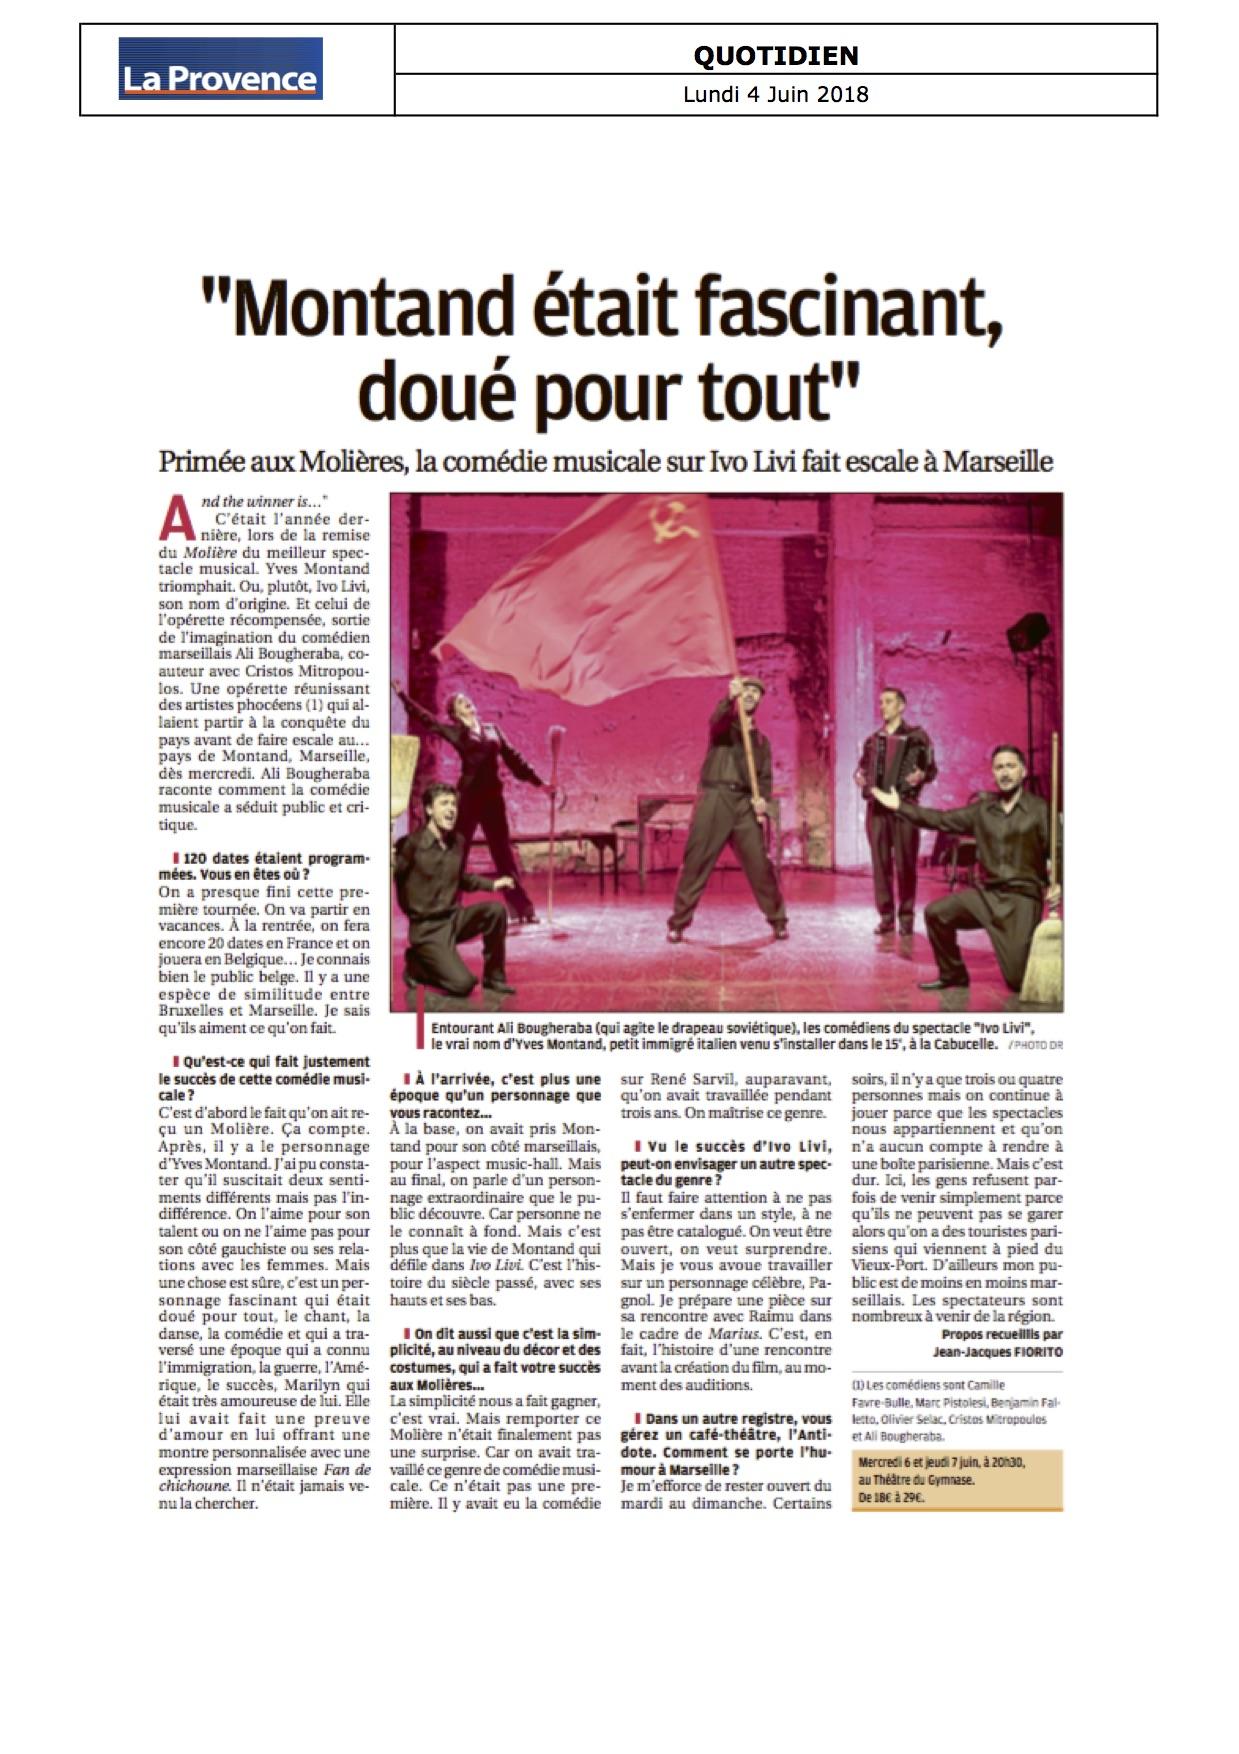 La Provence 04.06.18